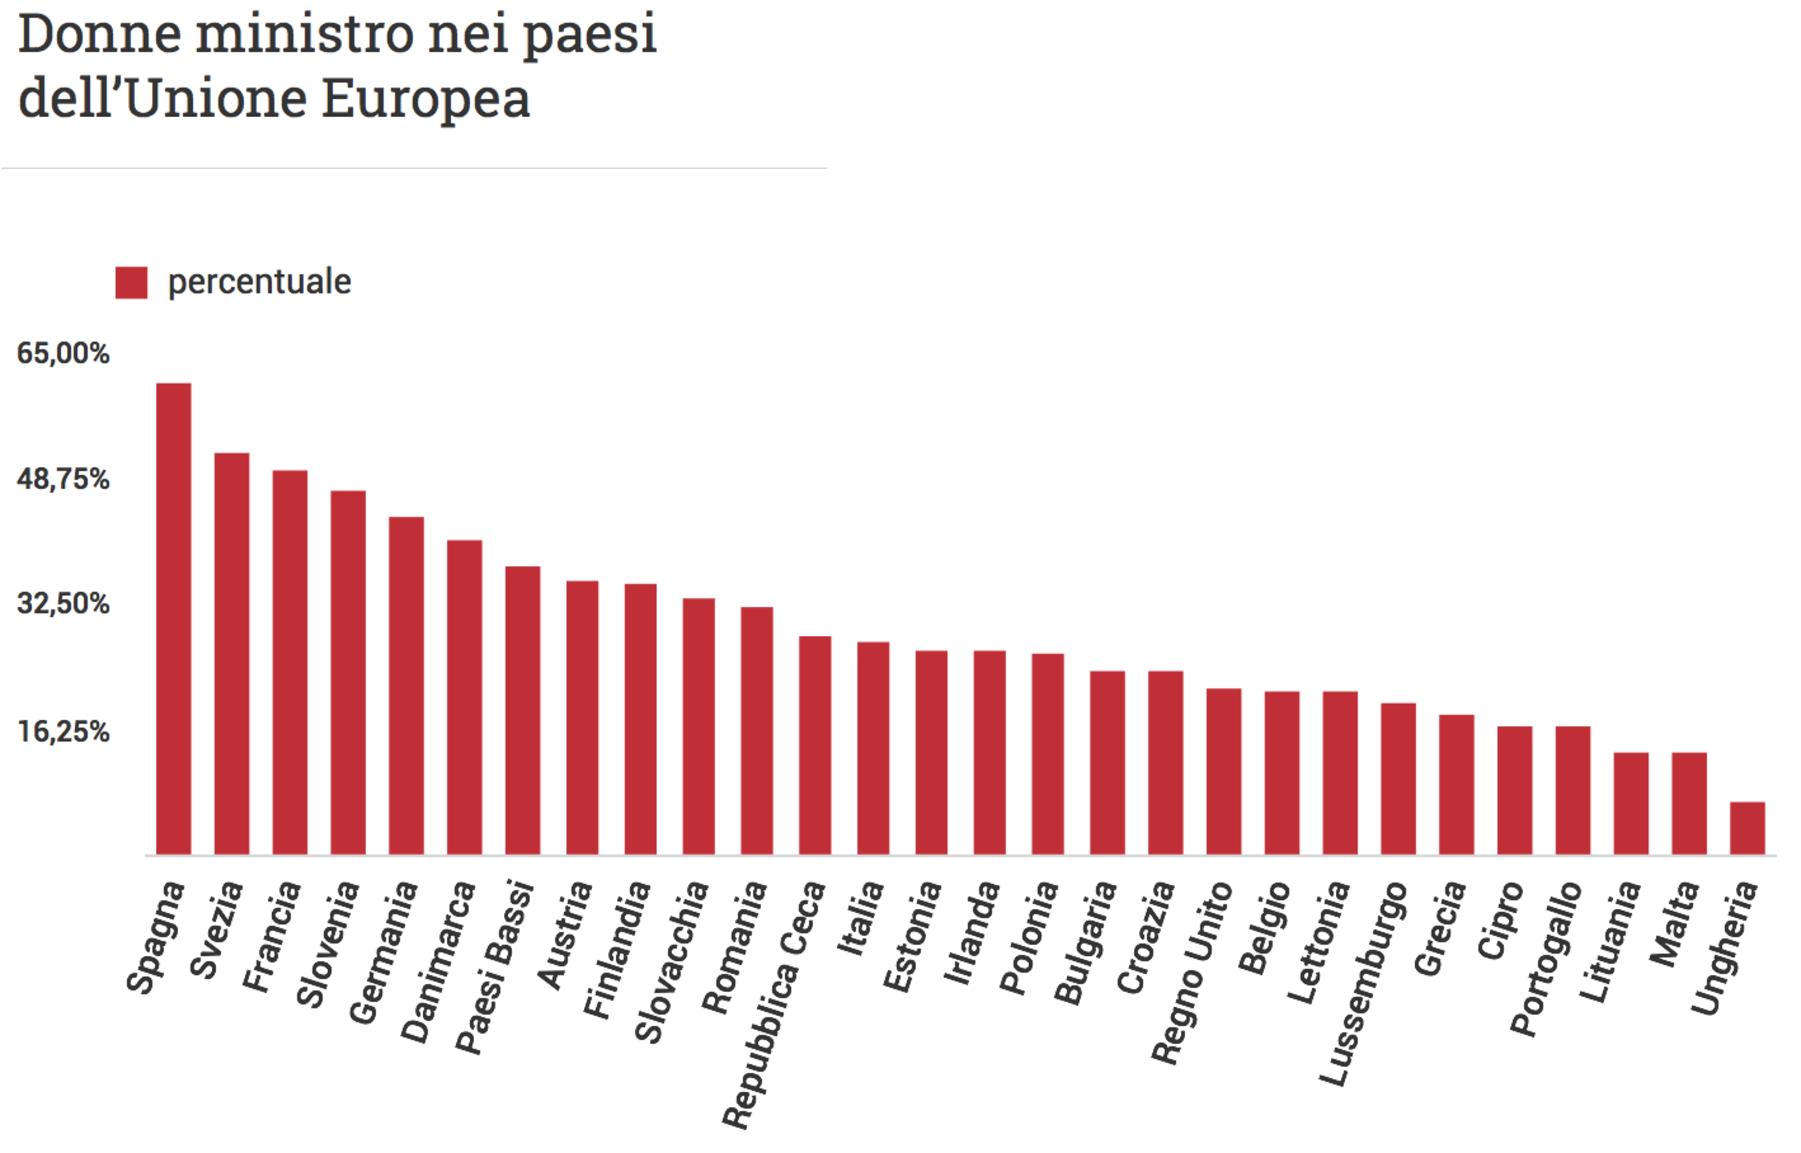 b20dfe5fd824 ... in un esecutivo della Repubblica italiana, vi è stata parità assoluta  di genere per i ministri, è stato col governo Renzi: una parità, però, ...